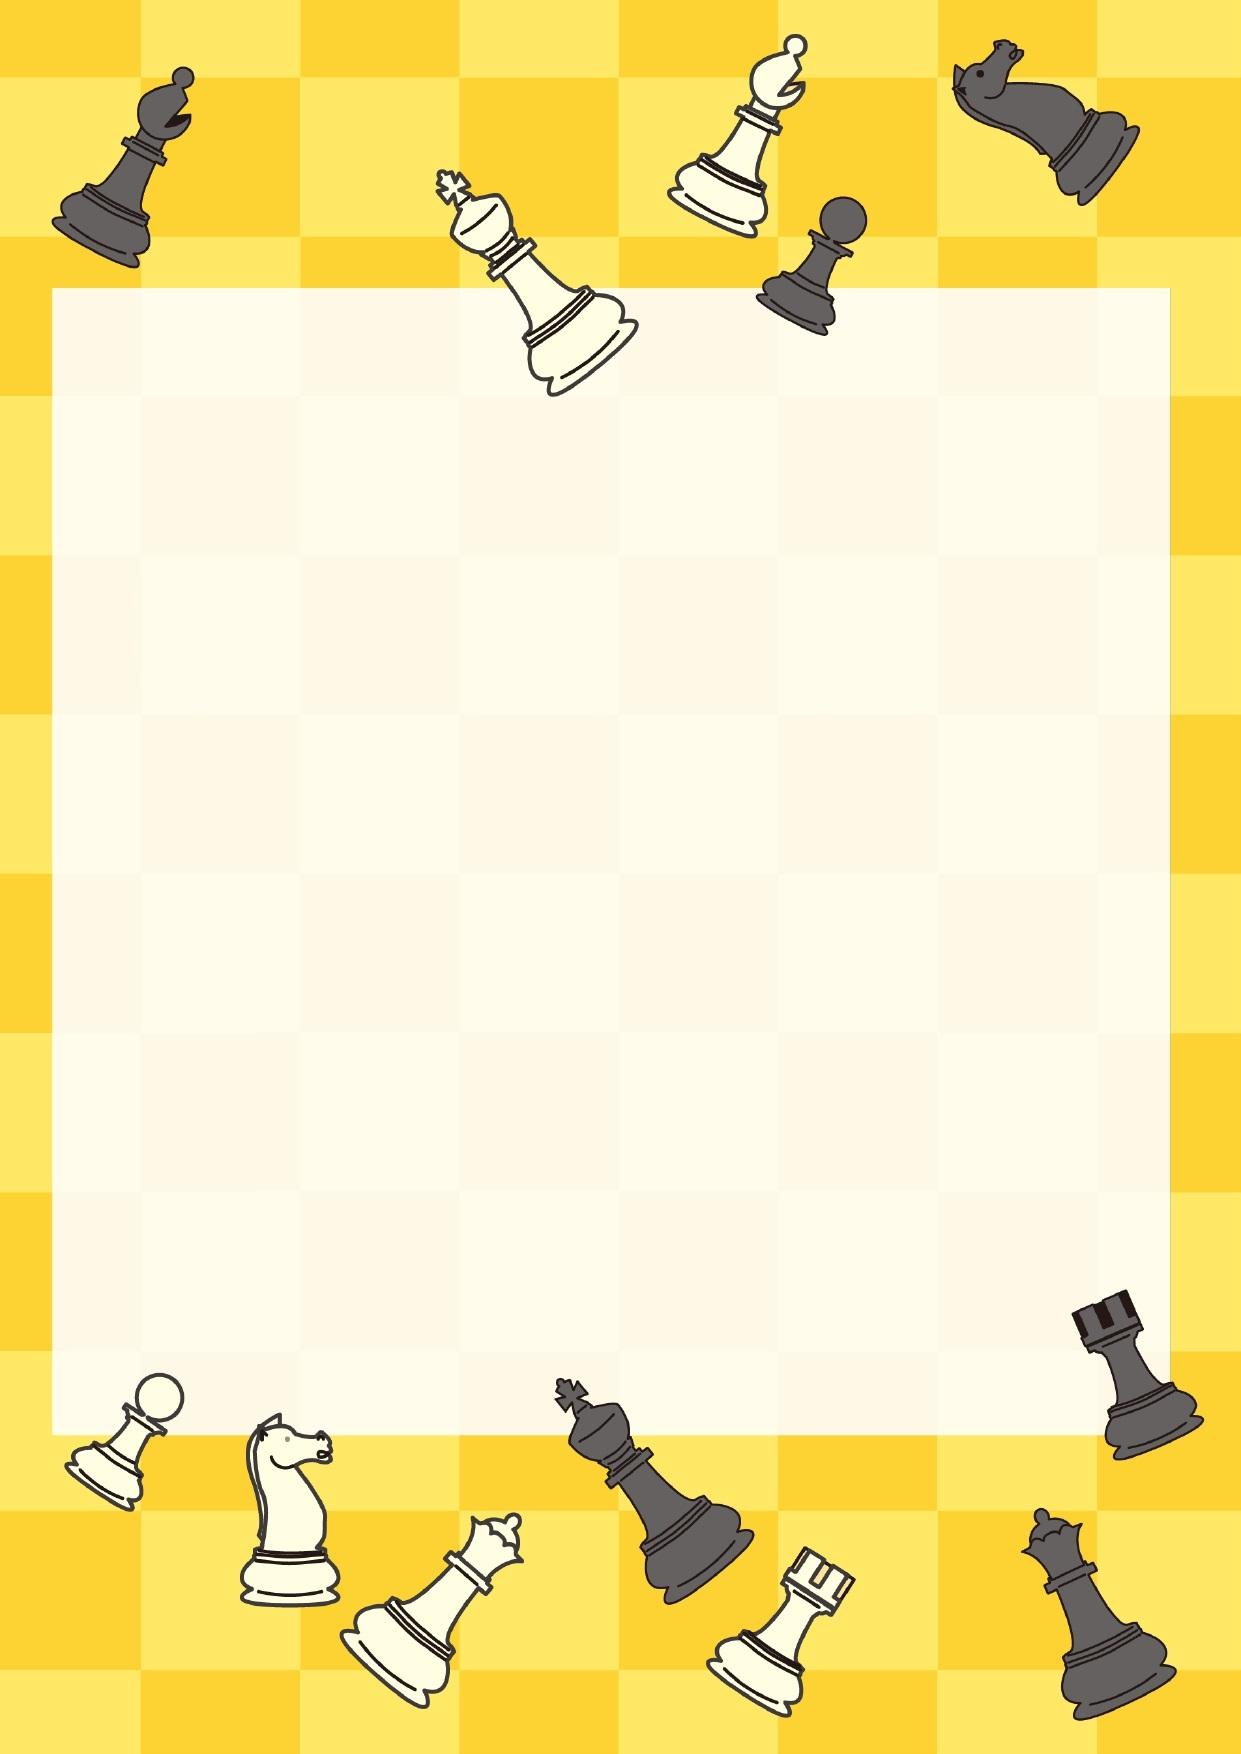 イエロー(黄色)のチェス盤の背景とチェス駒のフレーム